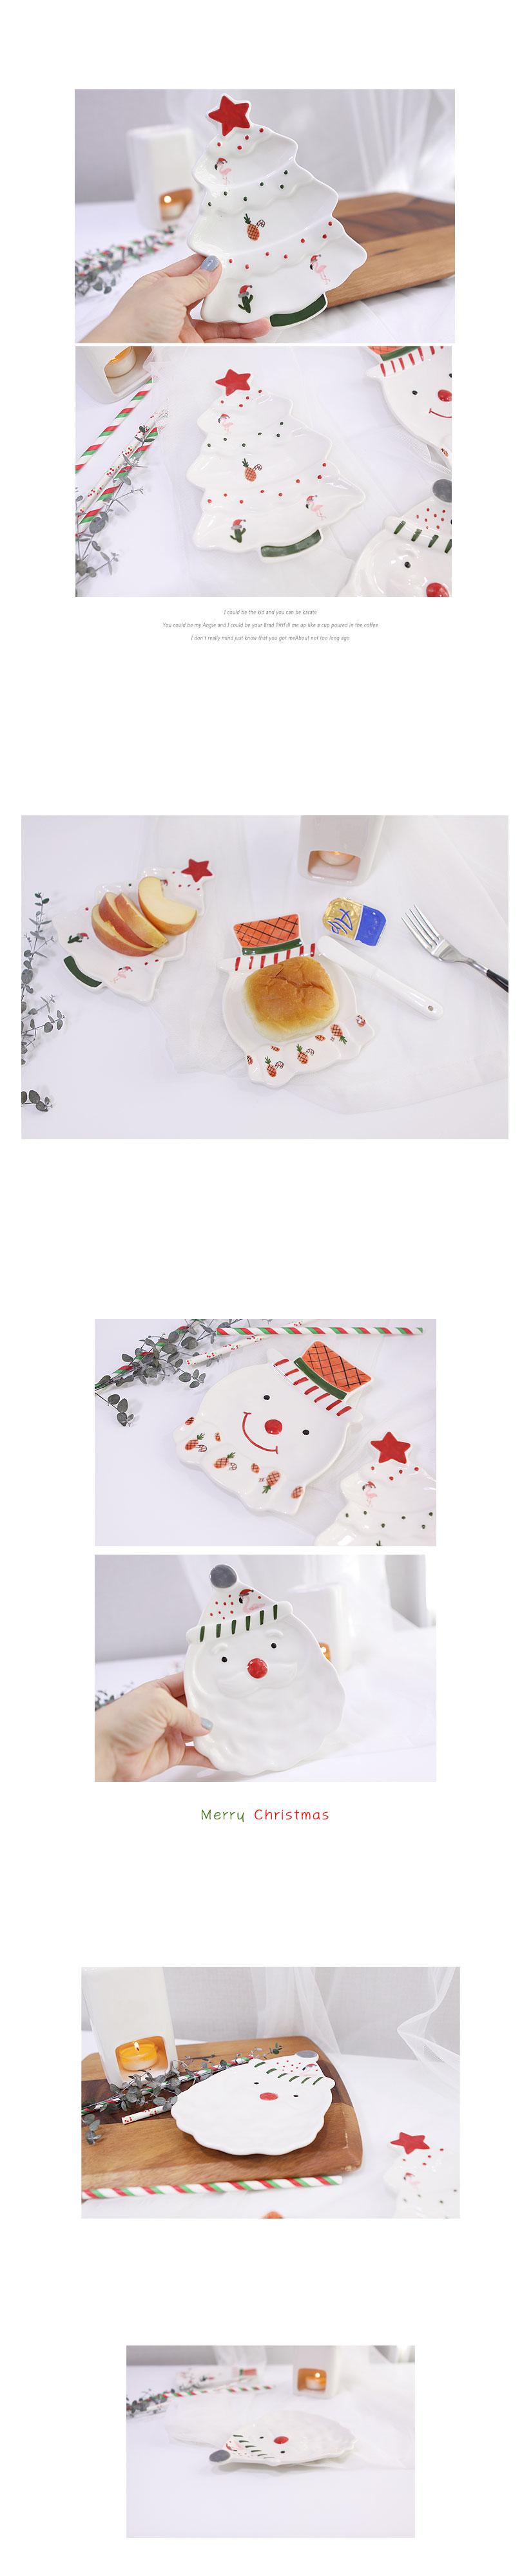 크리스마스 디저트 접시18,000원-젬제이FOOD, 커피/차/음료, 차, 허브차바보사랑크리스마스 디저트 접시18,000원-젬제이FOOD, 커피/차/음료, 차, 허브차바보사랑